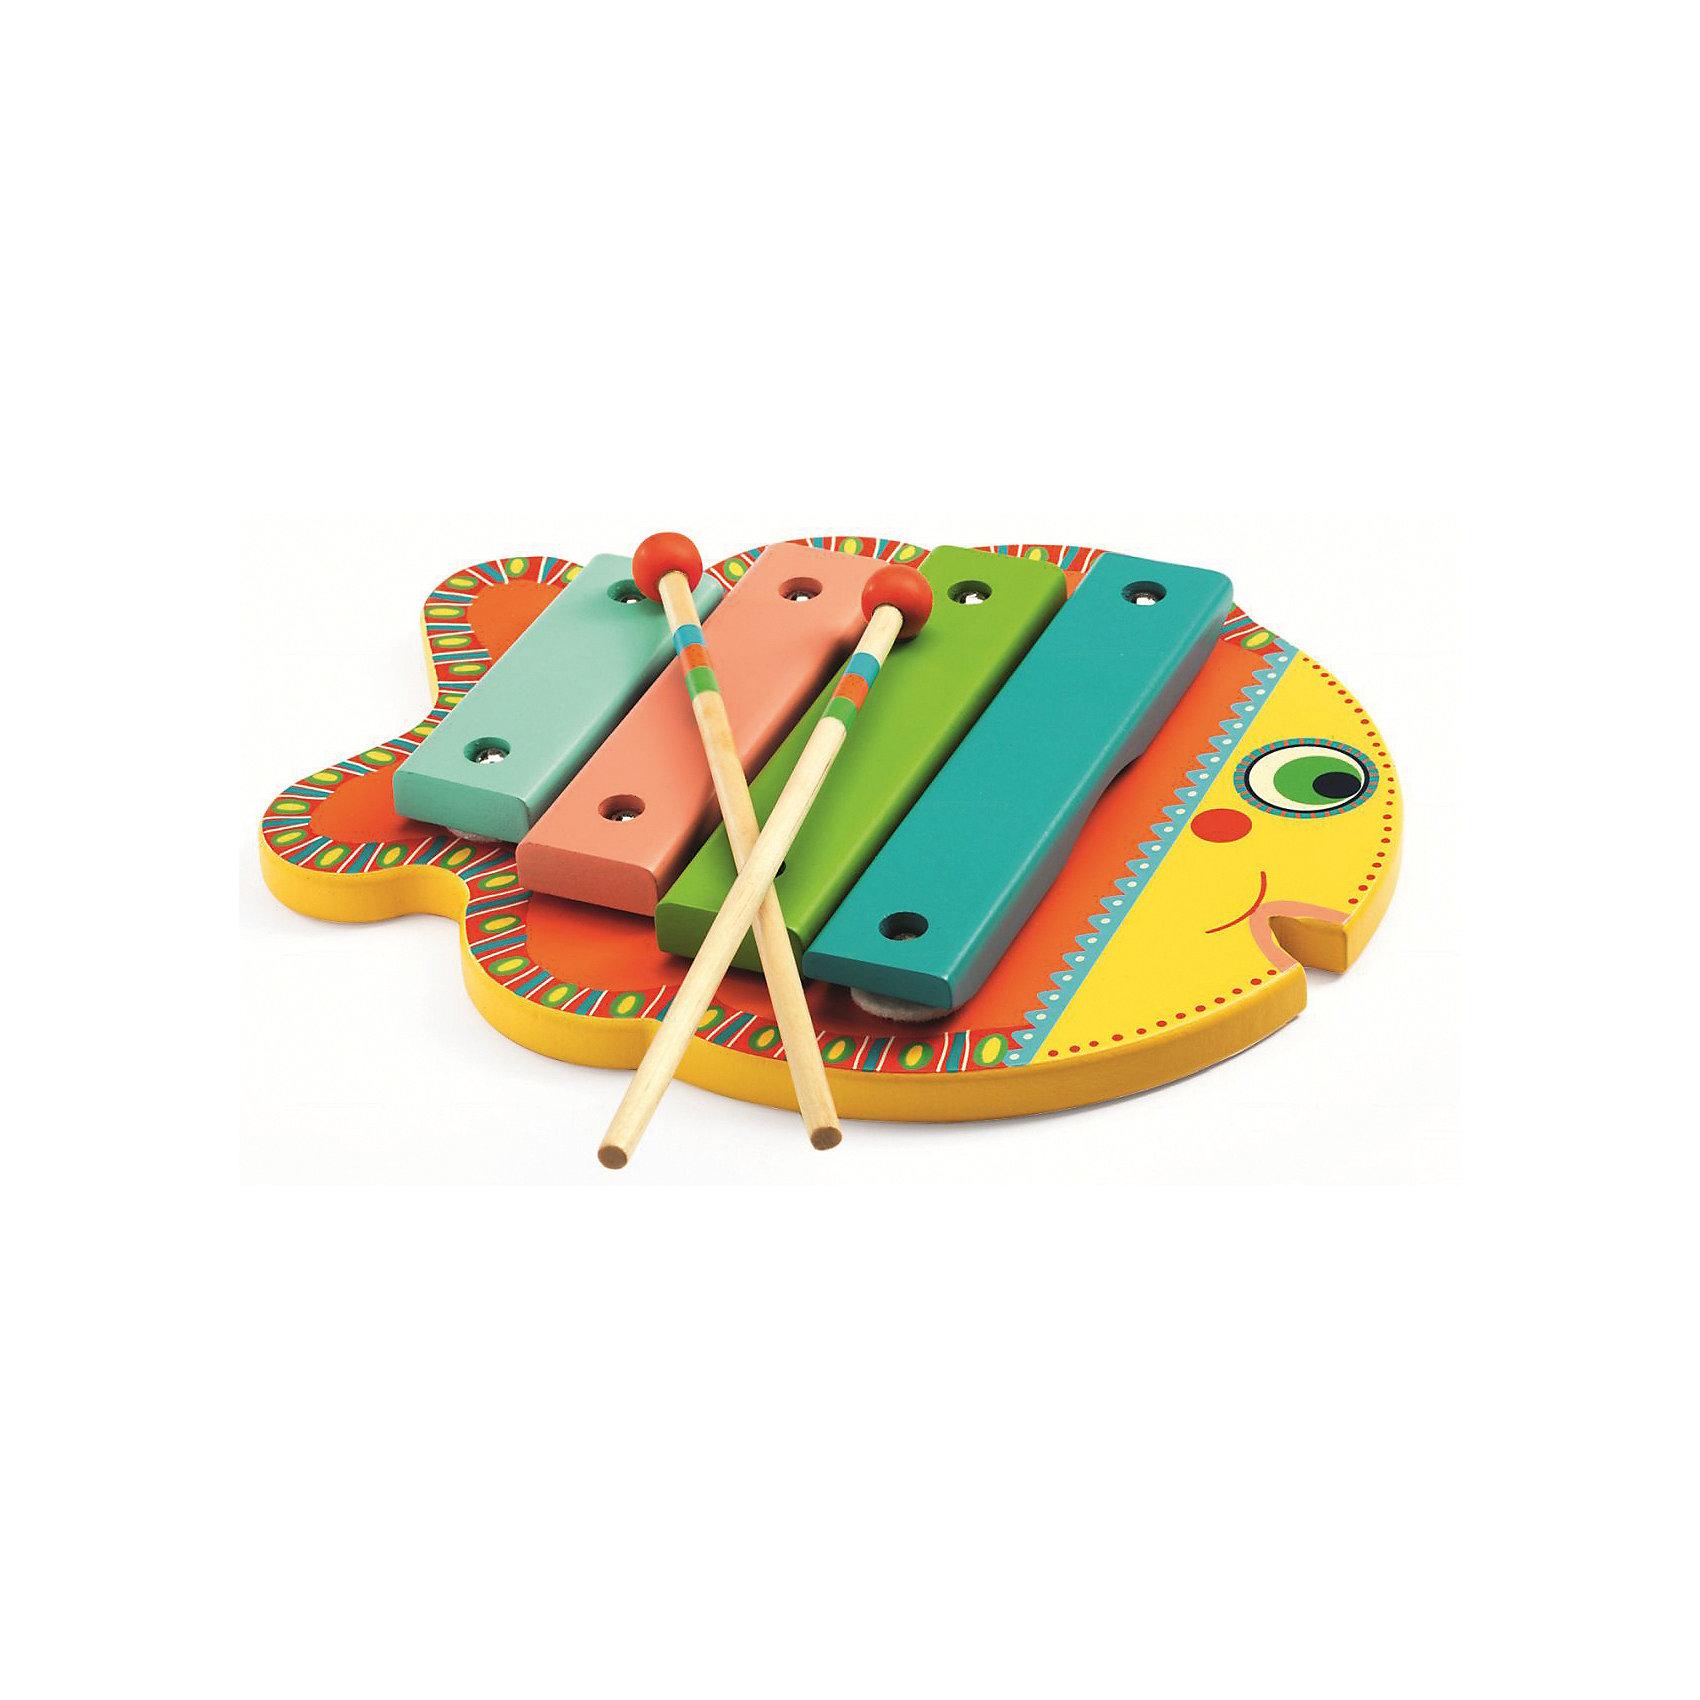 Ксилофон, DJECOКсилофоны<br>Яркий и красочный ксилофон станет прекрасной игрушкой даже для самых маленьких меломанов. Ксилофон в виде рыбки состоит из 4-х клавиш и 2-х палочек, с помощью которых ваш малыш будет создавать новые мелодии. Увлекательный ксилофон в красивой подарочной упаковке станет прекрасным подарком и непременно порадует каждого малыша. Ксилофон сделан из высококачественного дерева, покрыт безопасными нетоксичными красками.<br><br>Ширина мм: 30<br>Глубина мм: 230<br>Высота мм: 190<br>Вес г: 480<br>Возраст от месяцев: 36<br>Возраст до месяцев: 1188<br>Пол: Унисекс<br>Возраст: Детский<br>SKU: 4761452